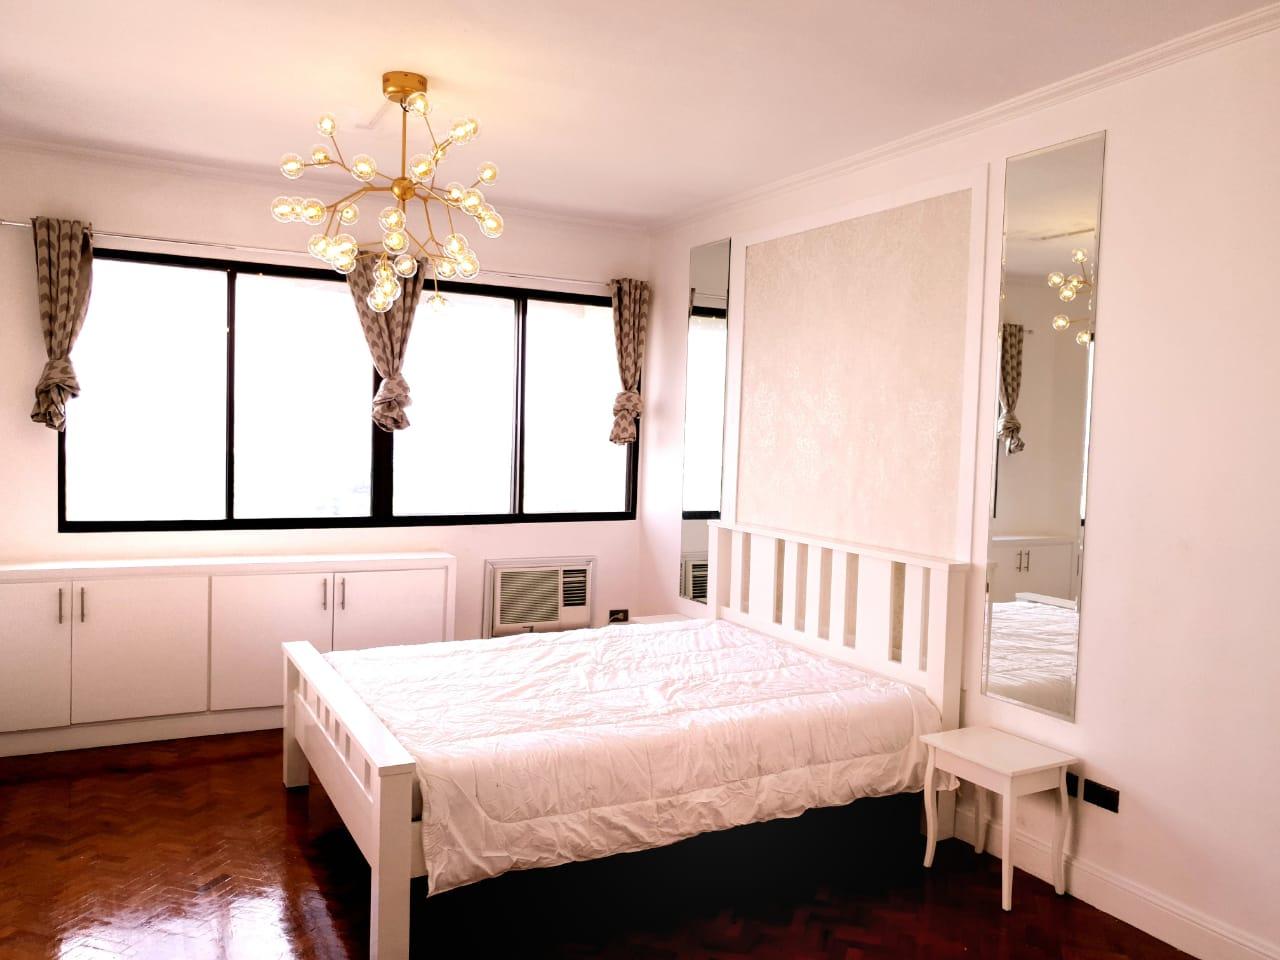 3BR Condo For Sale, Le Metropole Condominium, Makati City